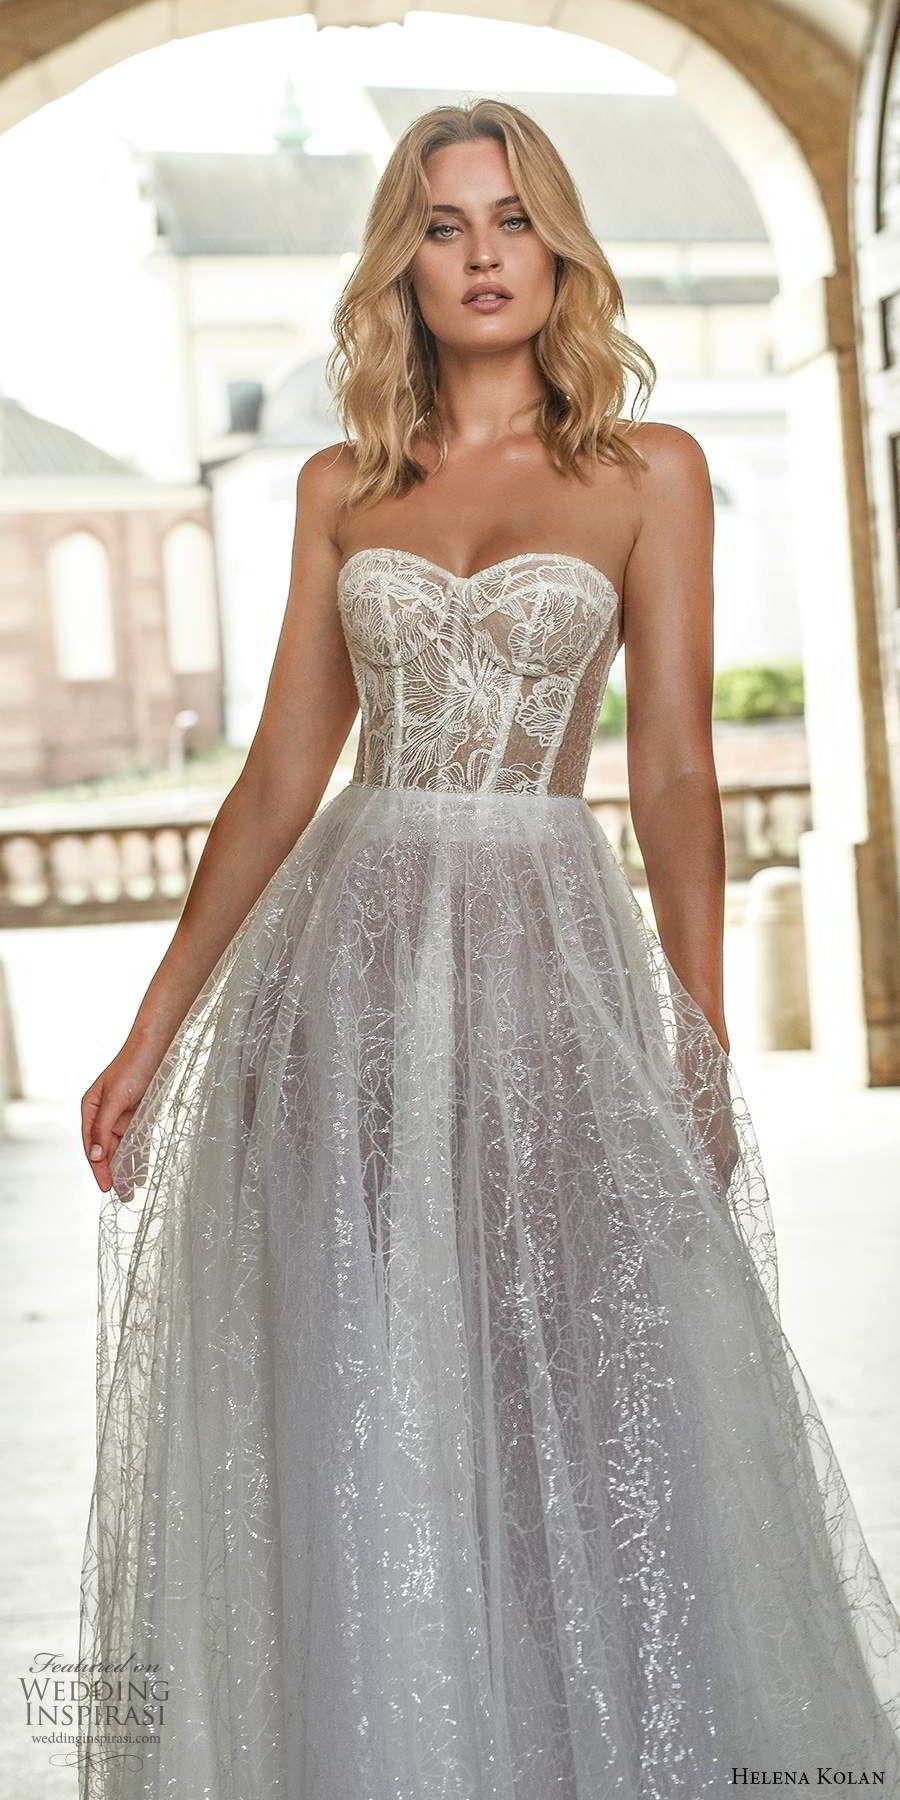 Helena Kolan 2020 Wedding Dresses Forever Bridal Collection Wedding Inspirasi Wedding Dresses Corset Sheer Wedding Dress Wedding Dresses